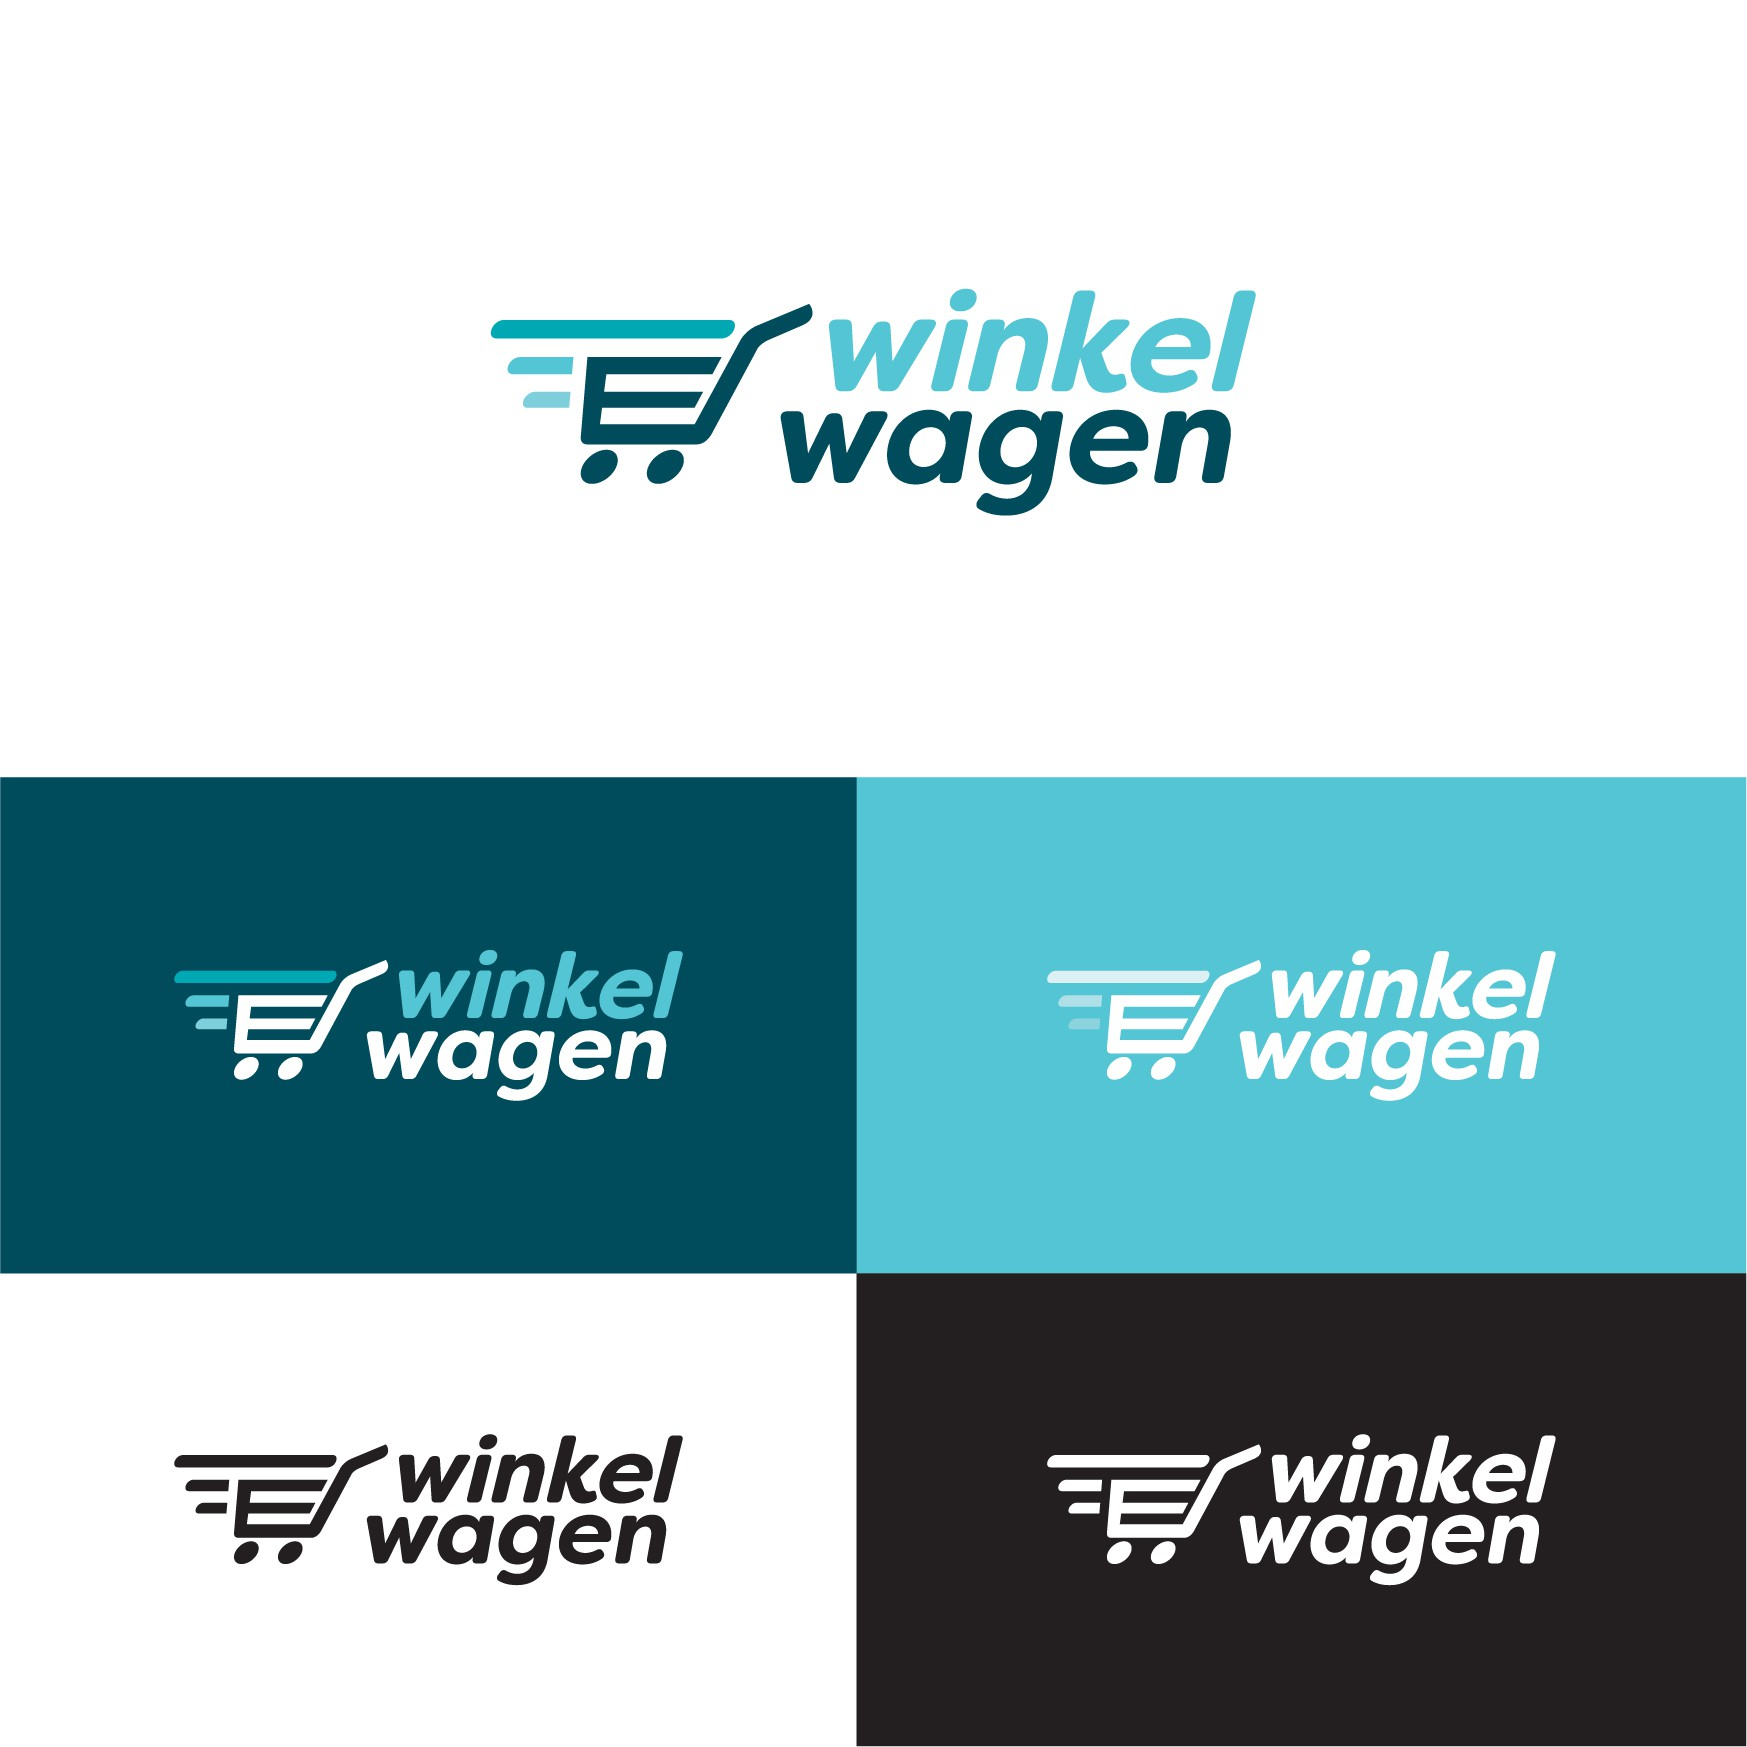 Design for e-commerce agency